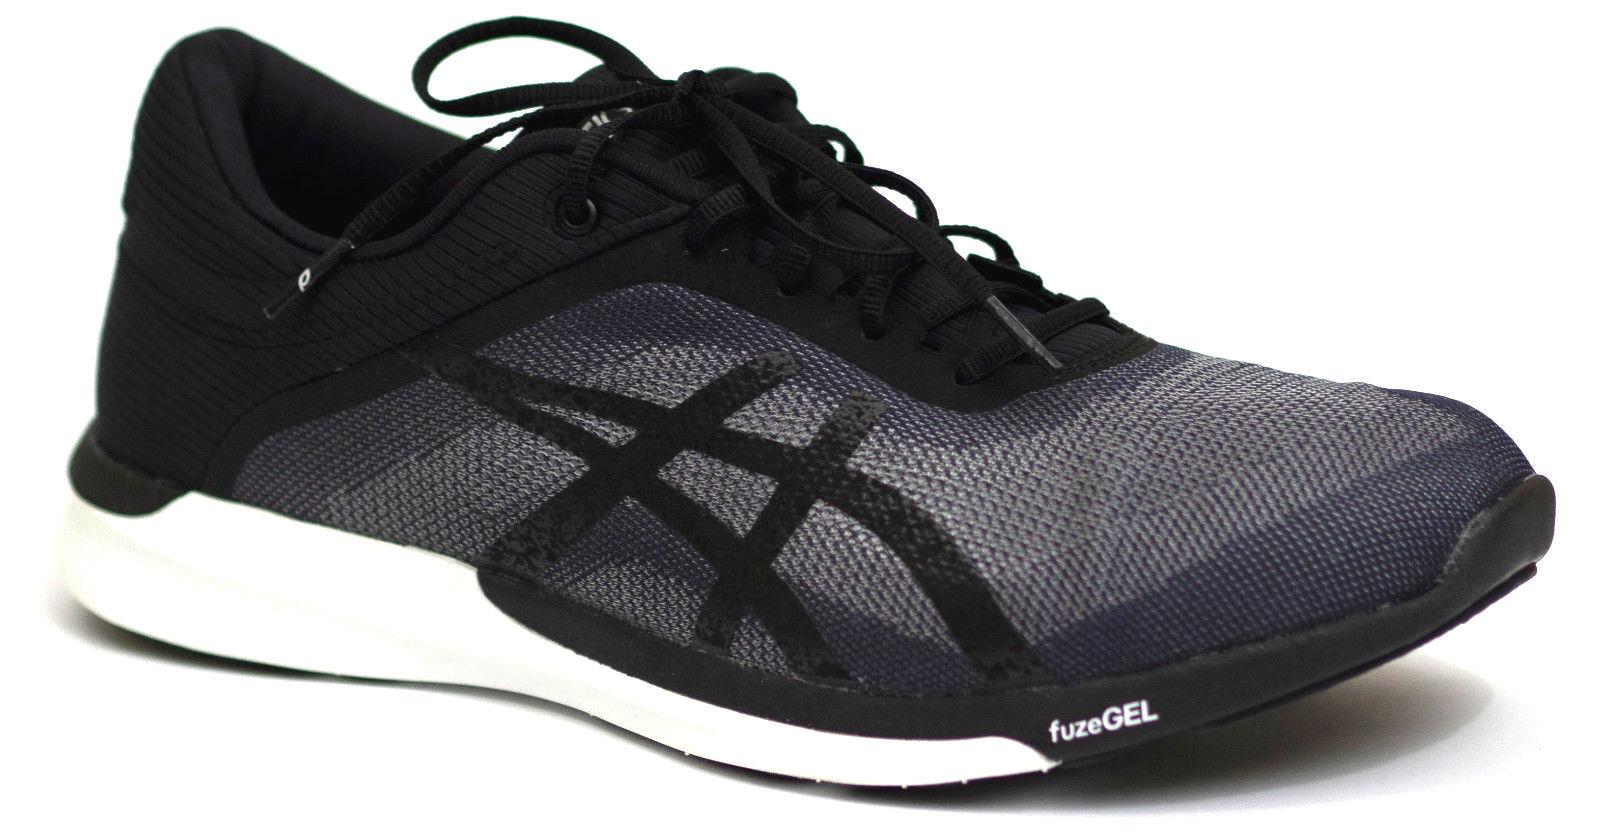 Asics fuzex Rush cortos t718n 47 Fuze gel de ejecución zapatillas de deporte negro gris men nuevo